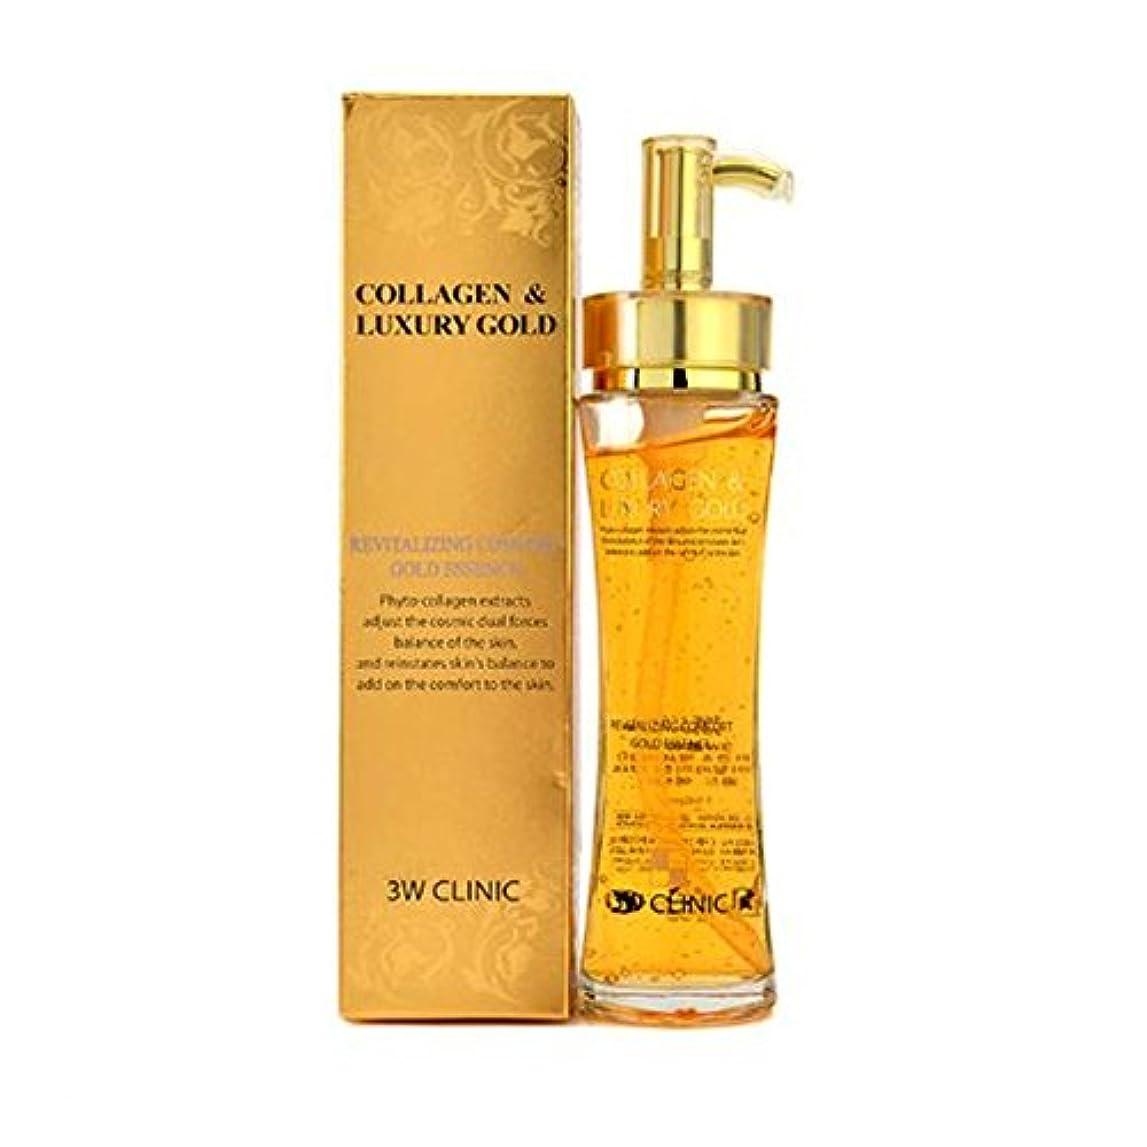 真っ逆さま恋人武器3Wクリニック Collagen & Luxury Gold Revitalizing Comfort Gold Essence 150ml/5.07oz並行輸入品